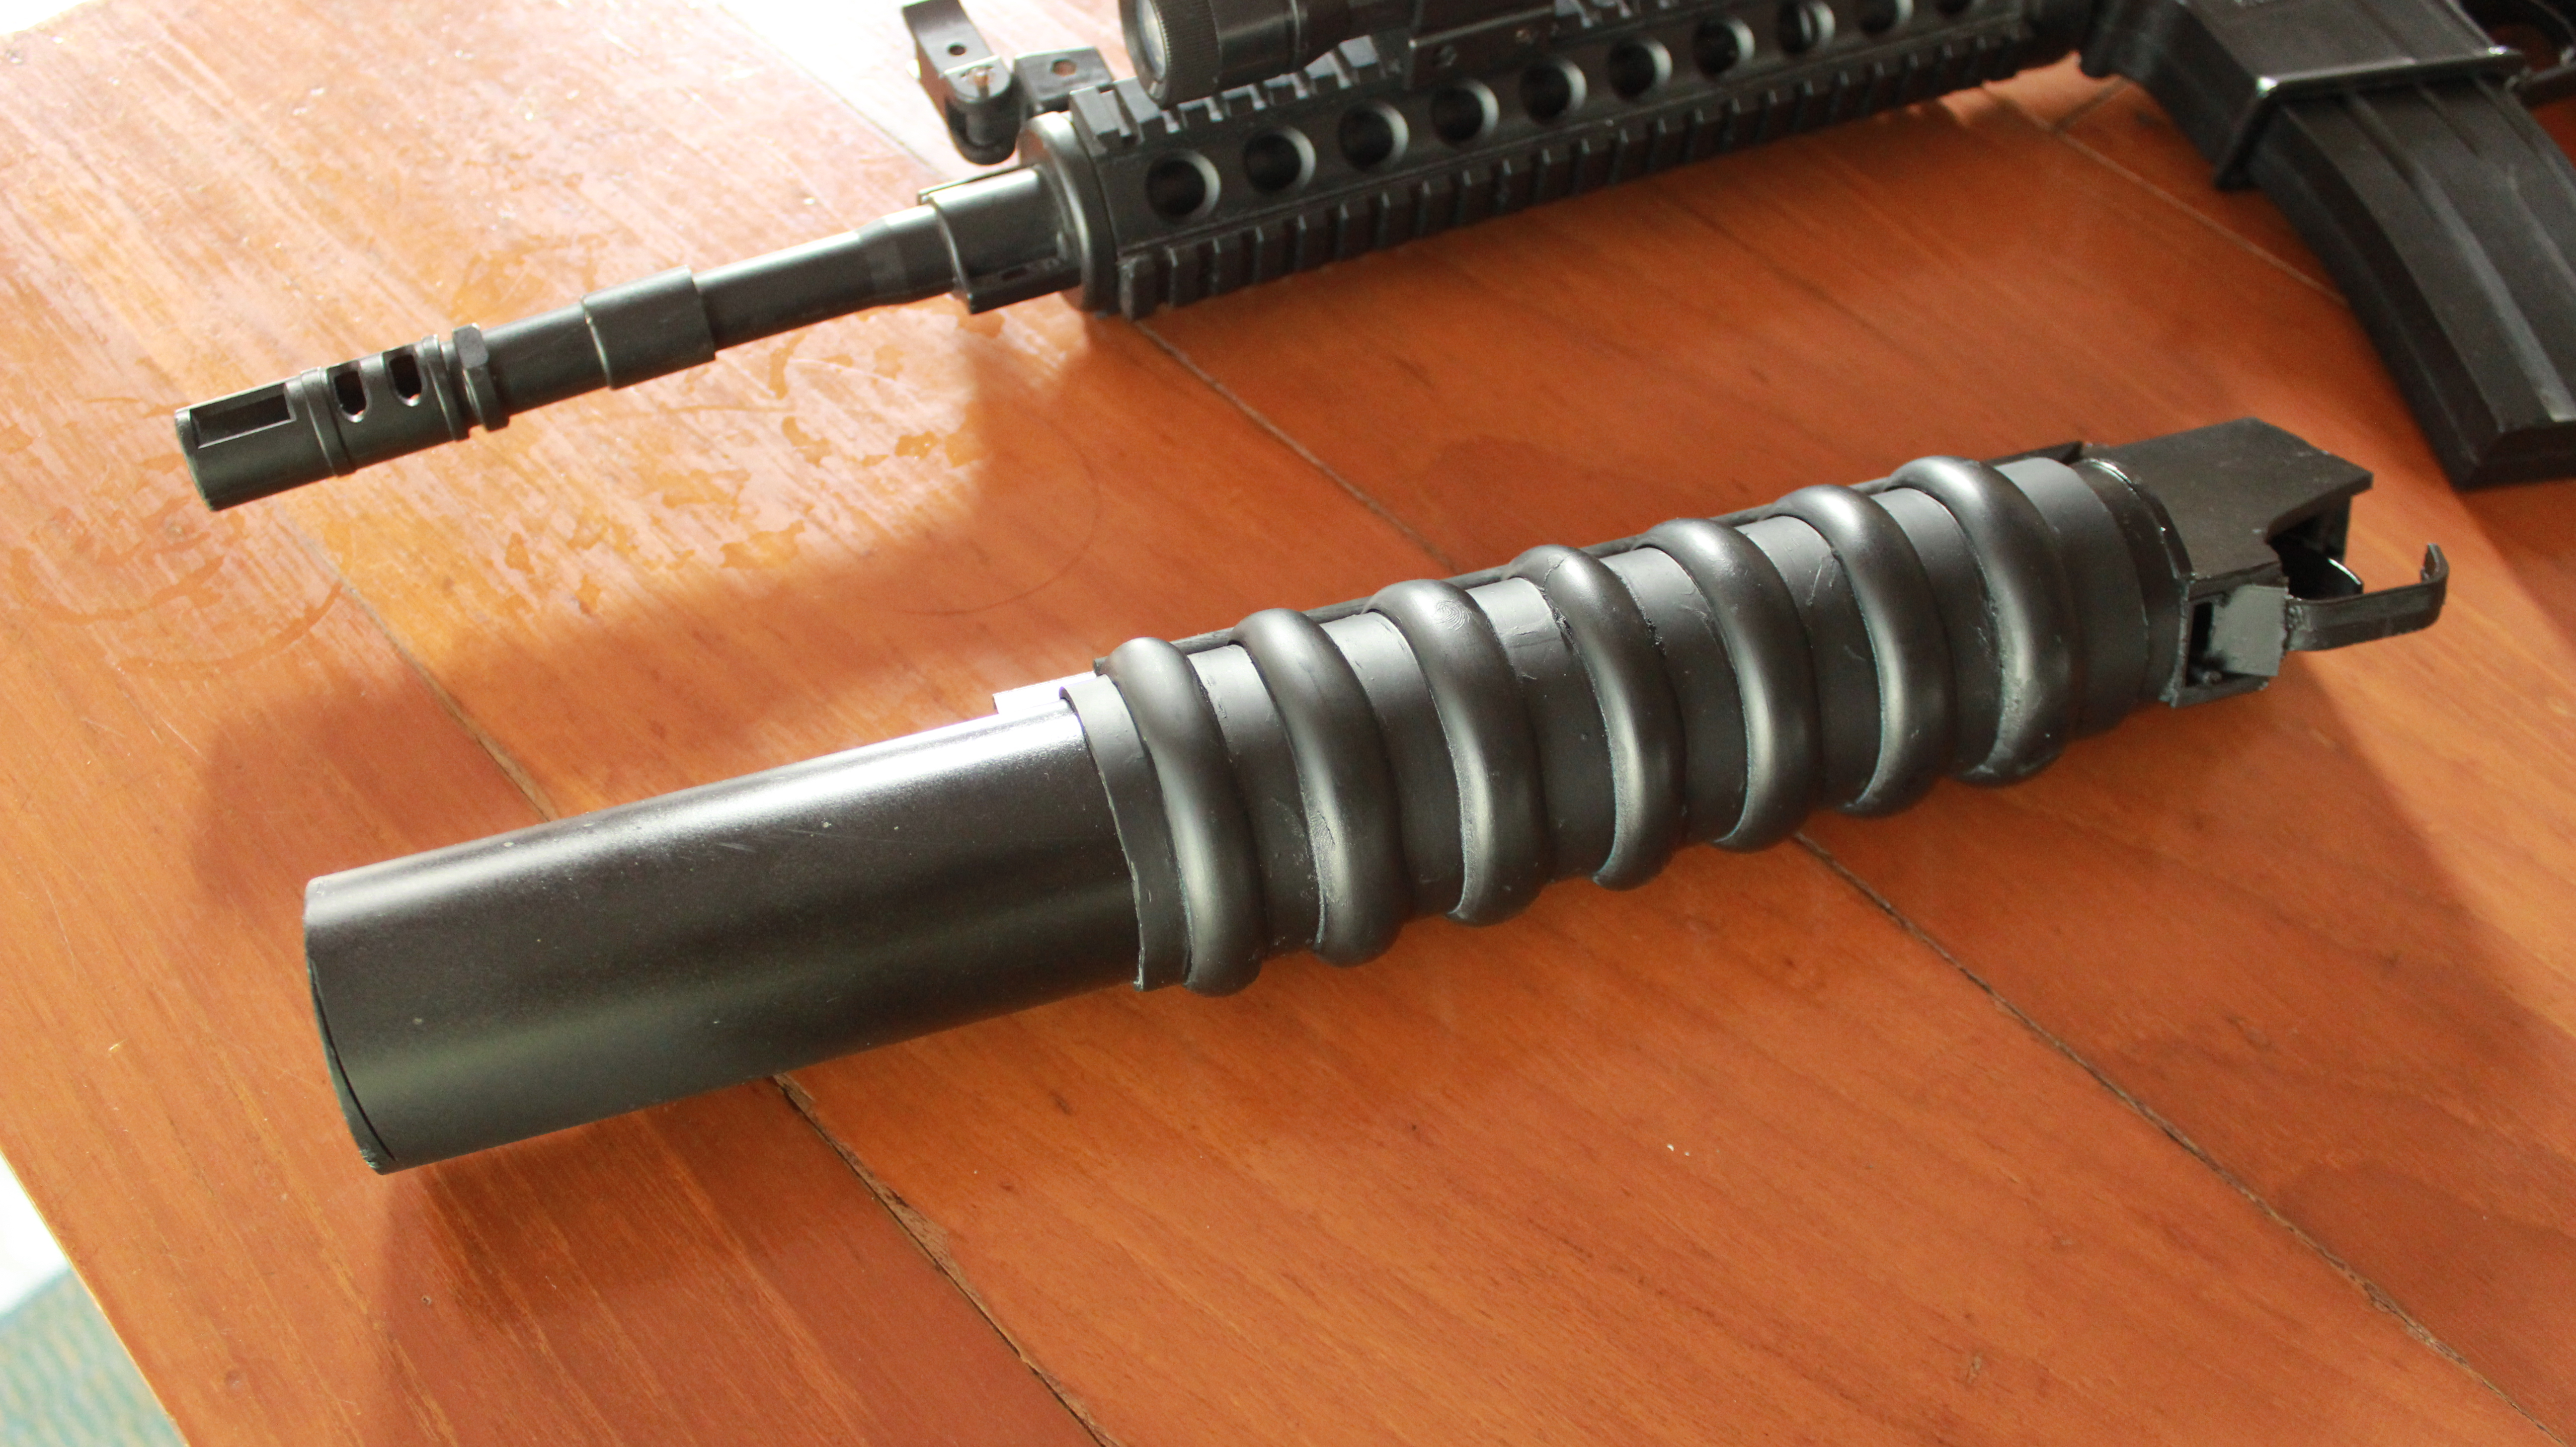 M203 grenade launcher prop